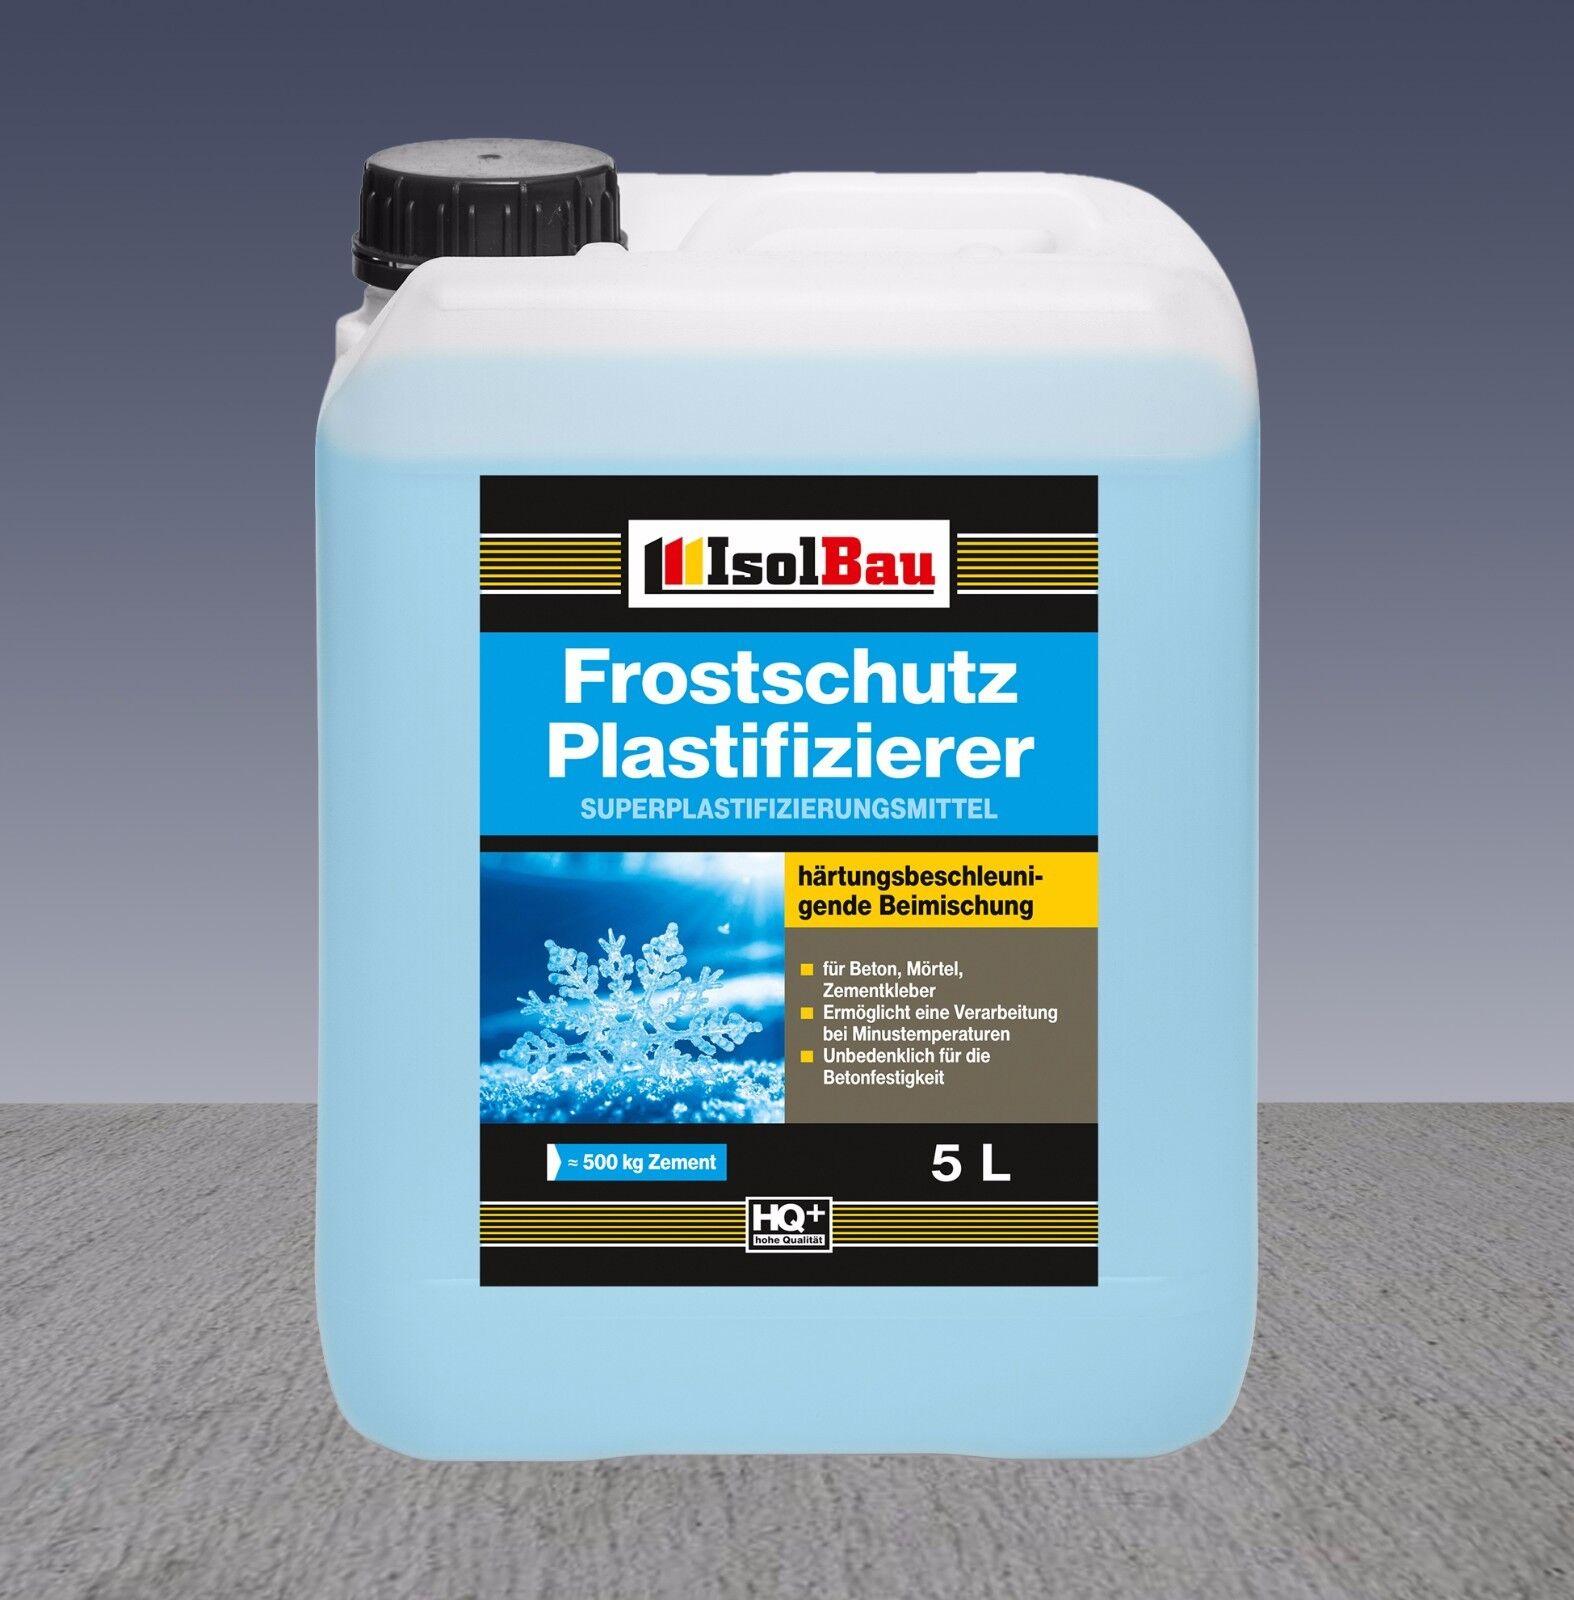 5L Beton-Zusatzmittel Frostschutz Plastifizierer Betonverflüssiger Verflüssiger